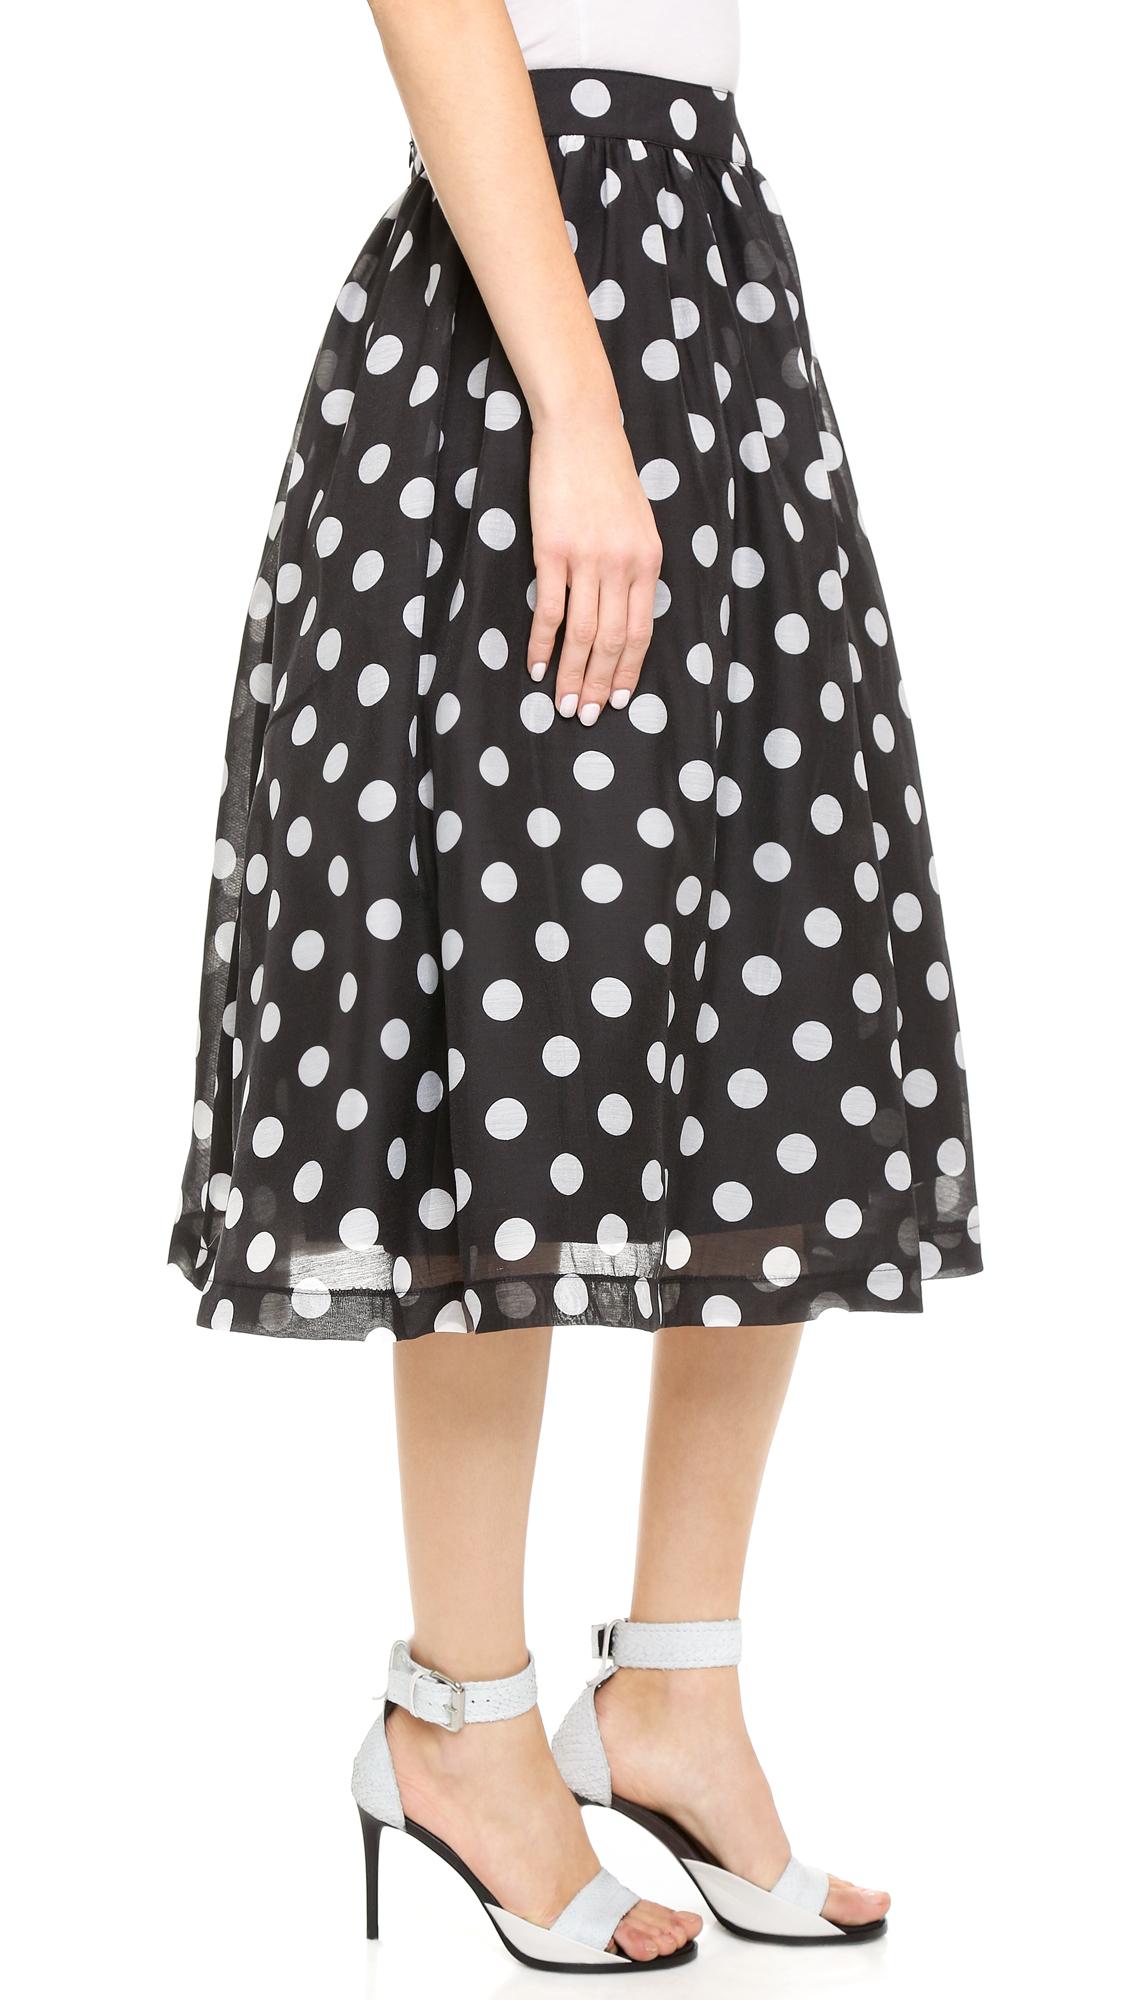 J.o.a. polka dot full skirt